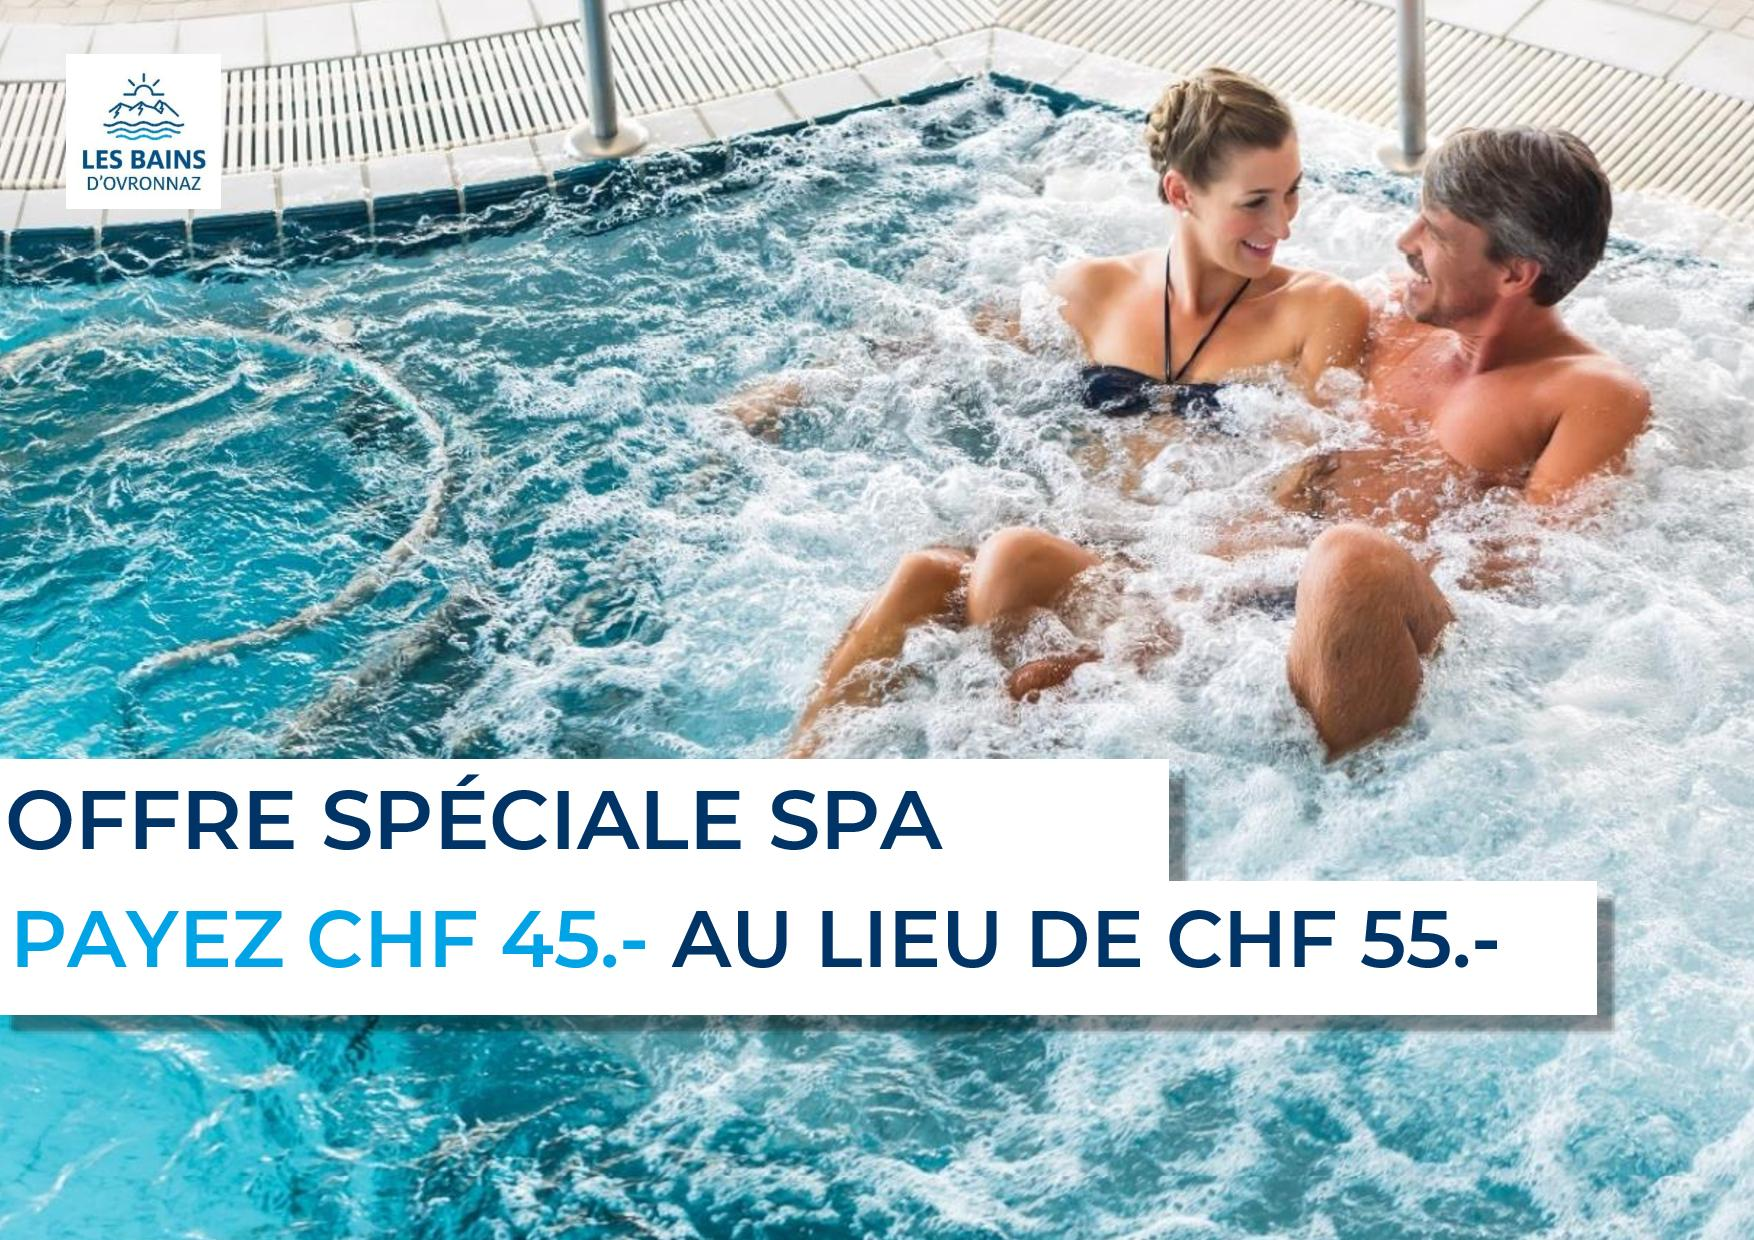 Offre spéciale Spa